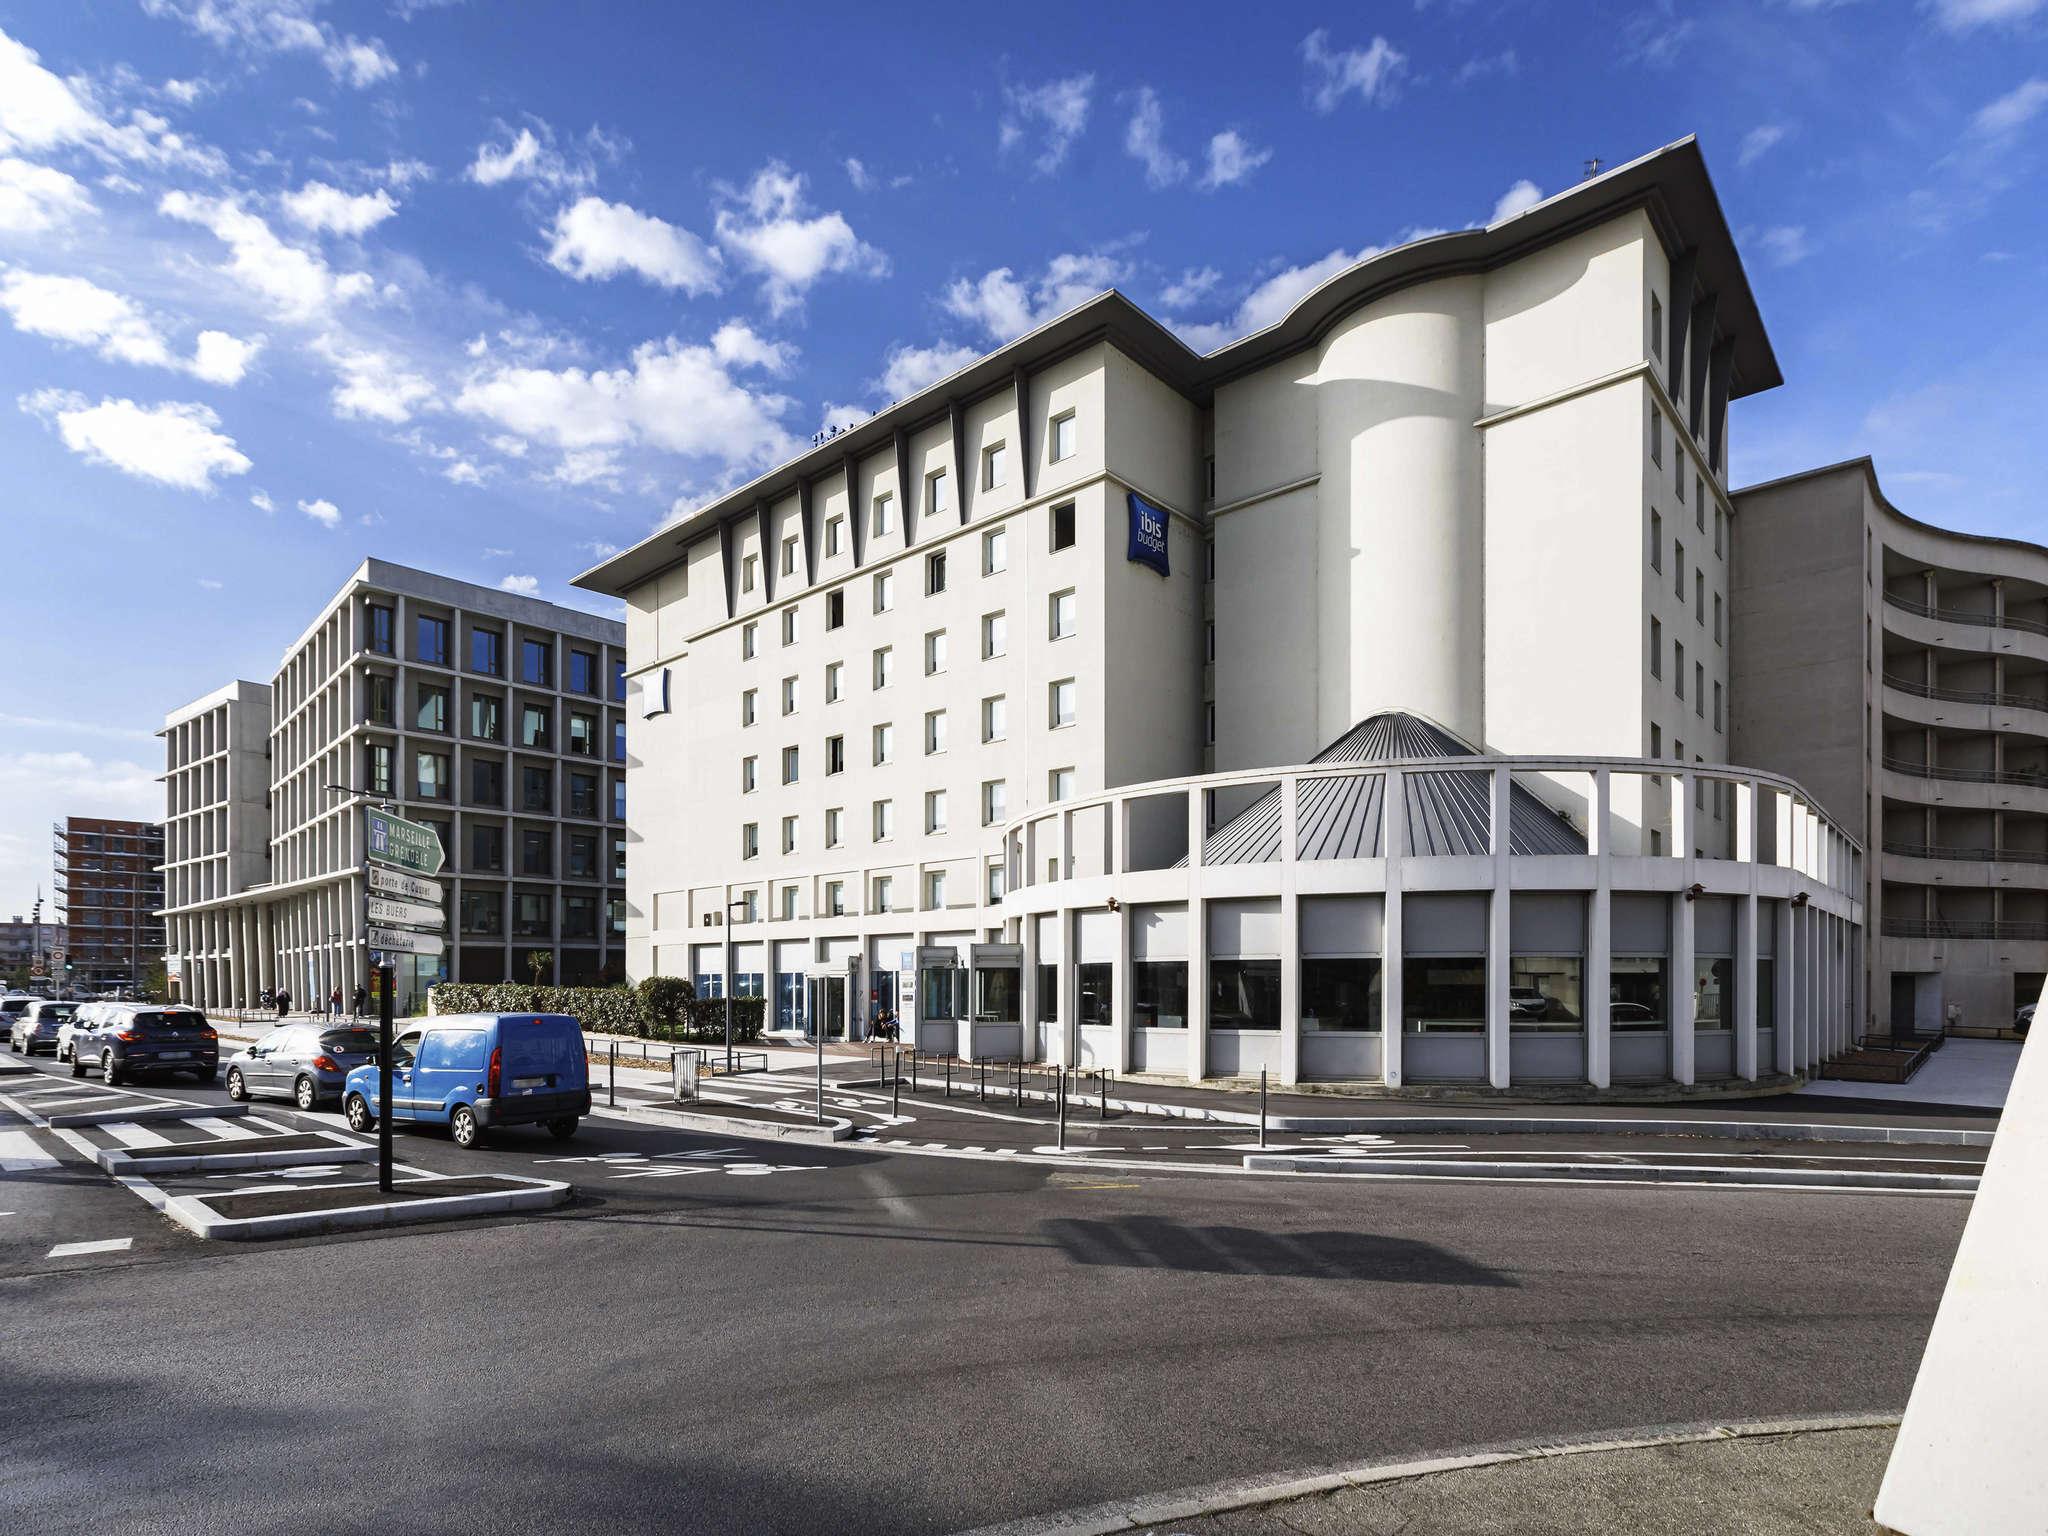 Ibis Hotel Geschenkgutschein